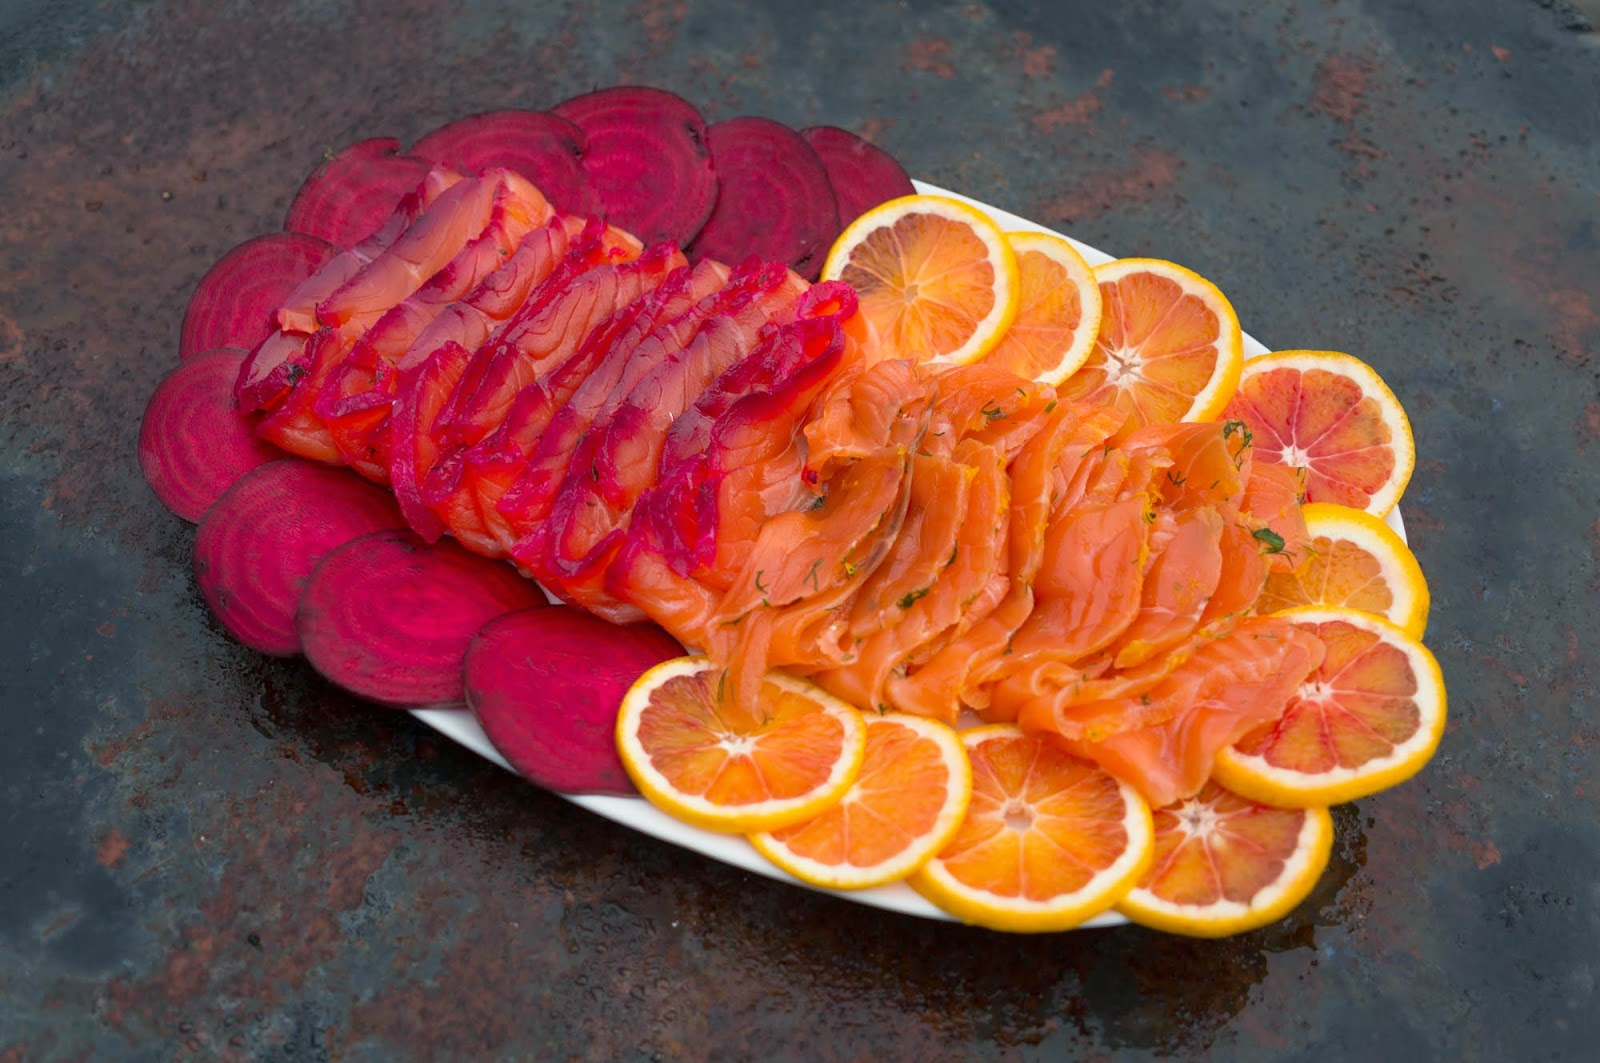 rödbets- och apelsingravad lax